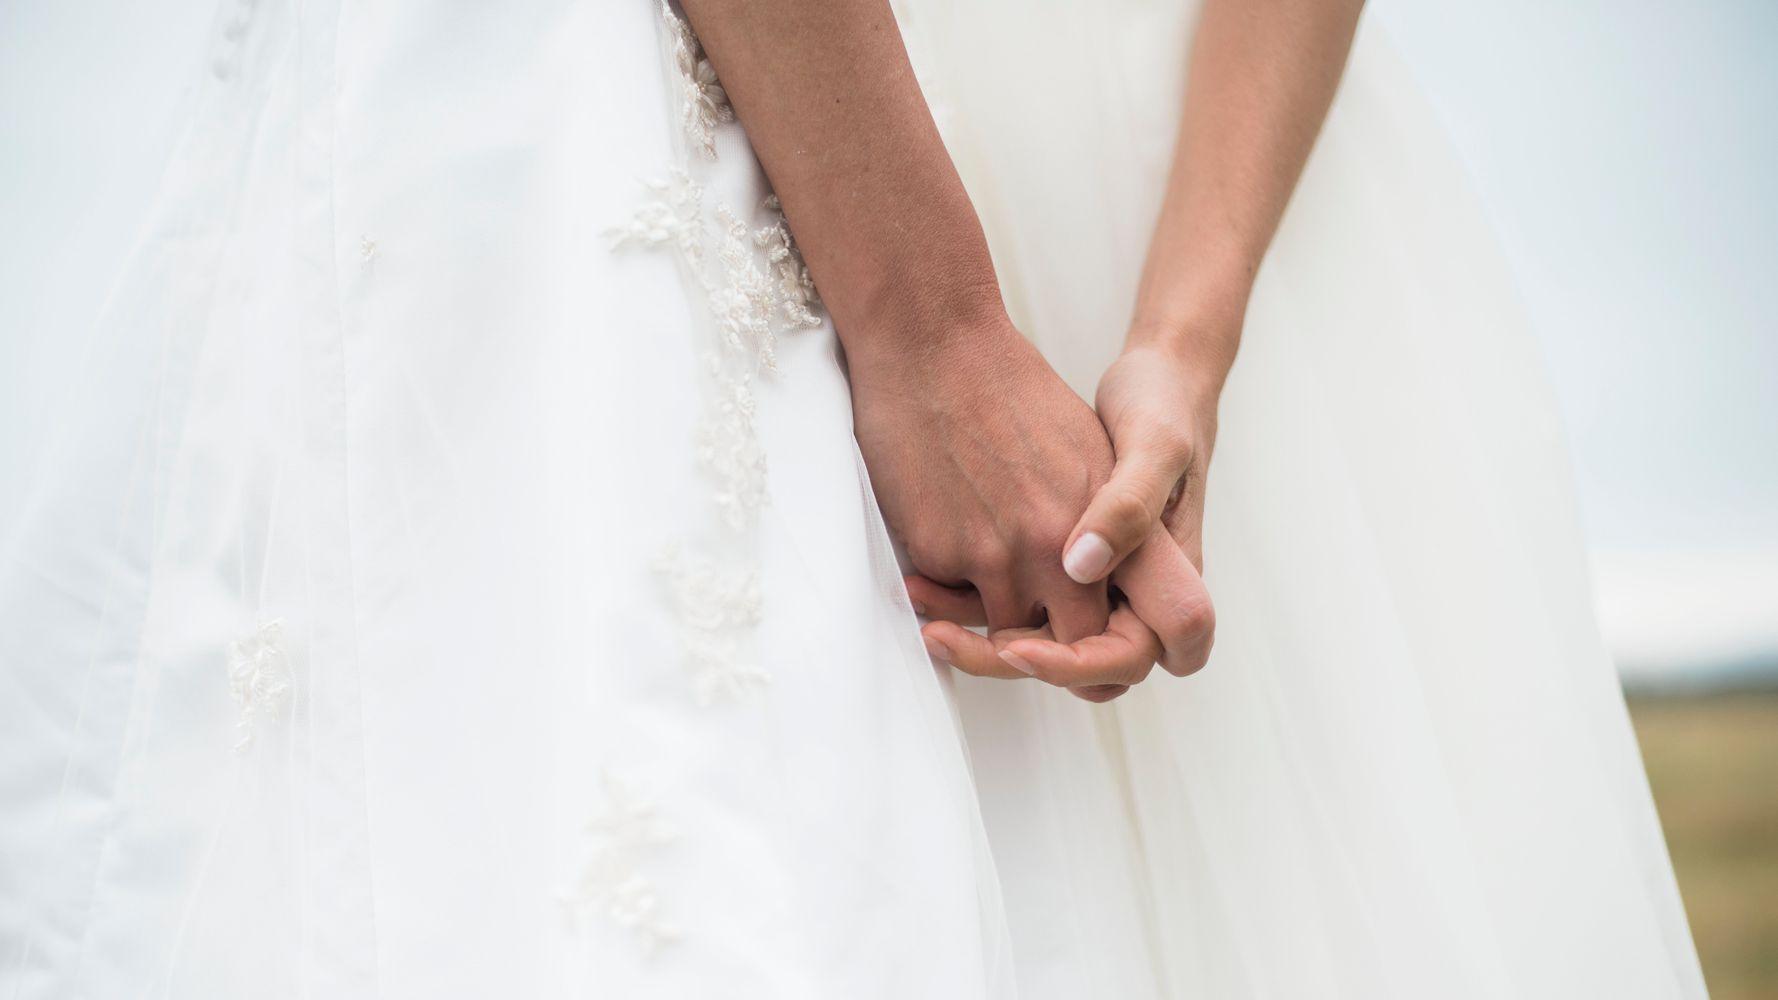 Web Designer Who Refused To Make Same-Sex Wedding Websites Loses Case